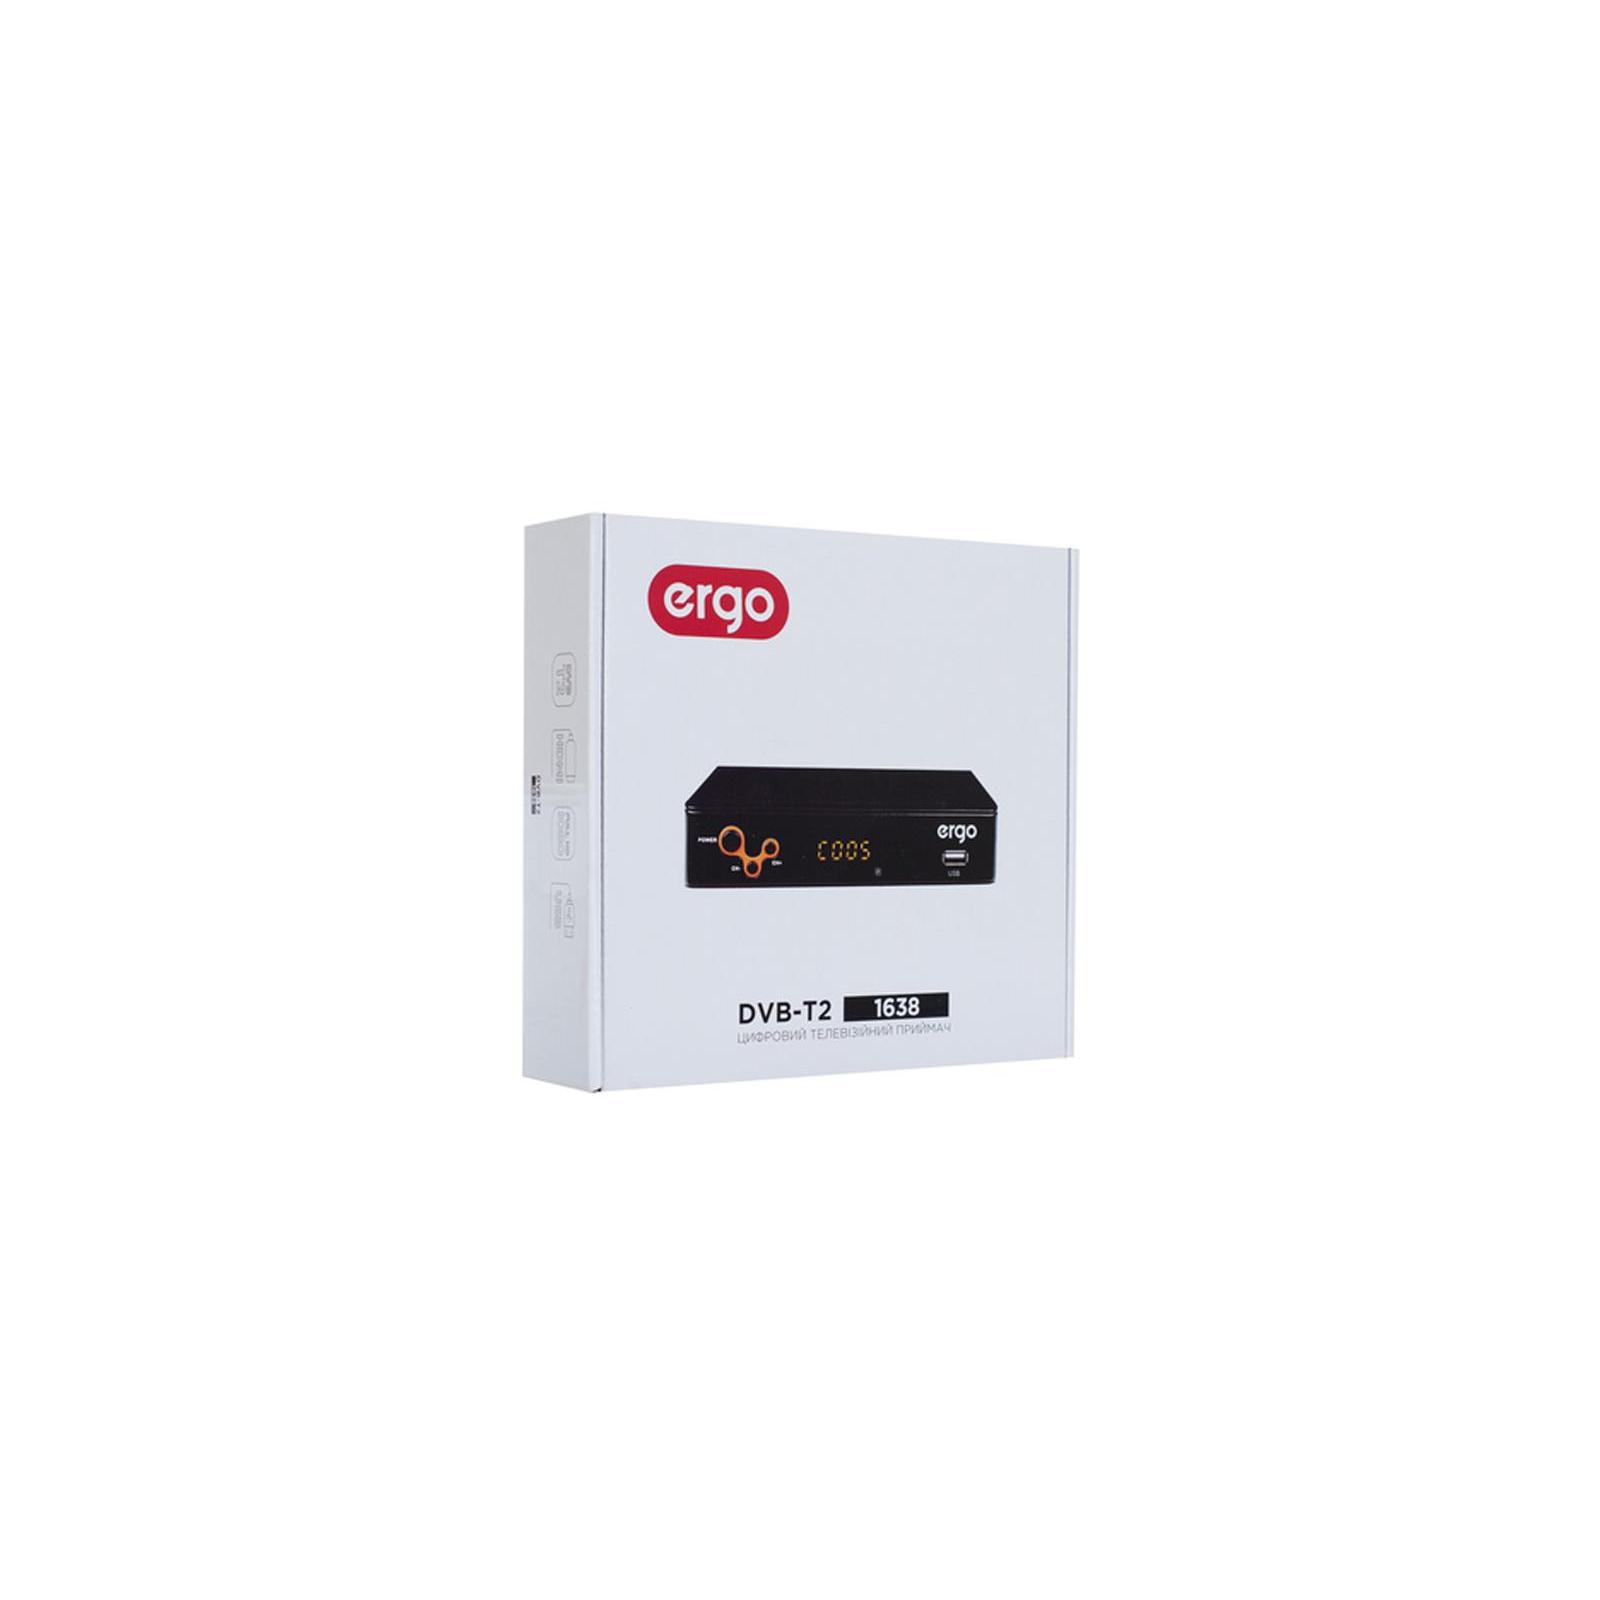 ТВ тюнер Ergo 1638 (DVB-T, DVB-T2) (STB-1638) изображение 8